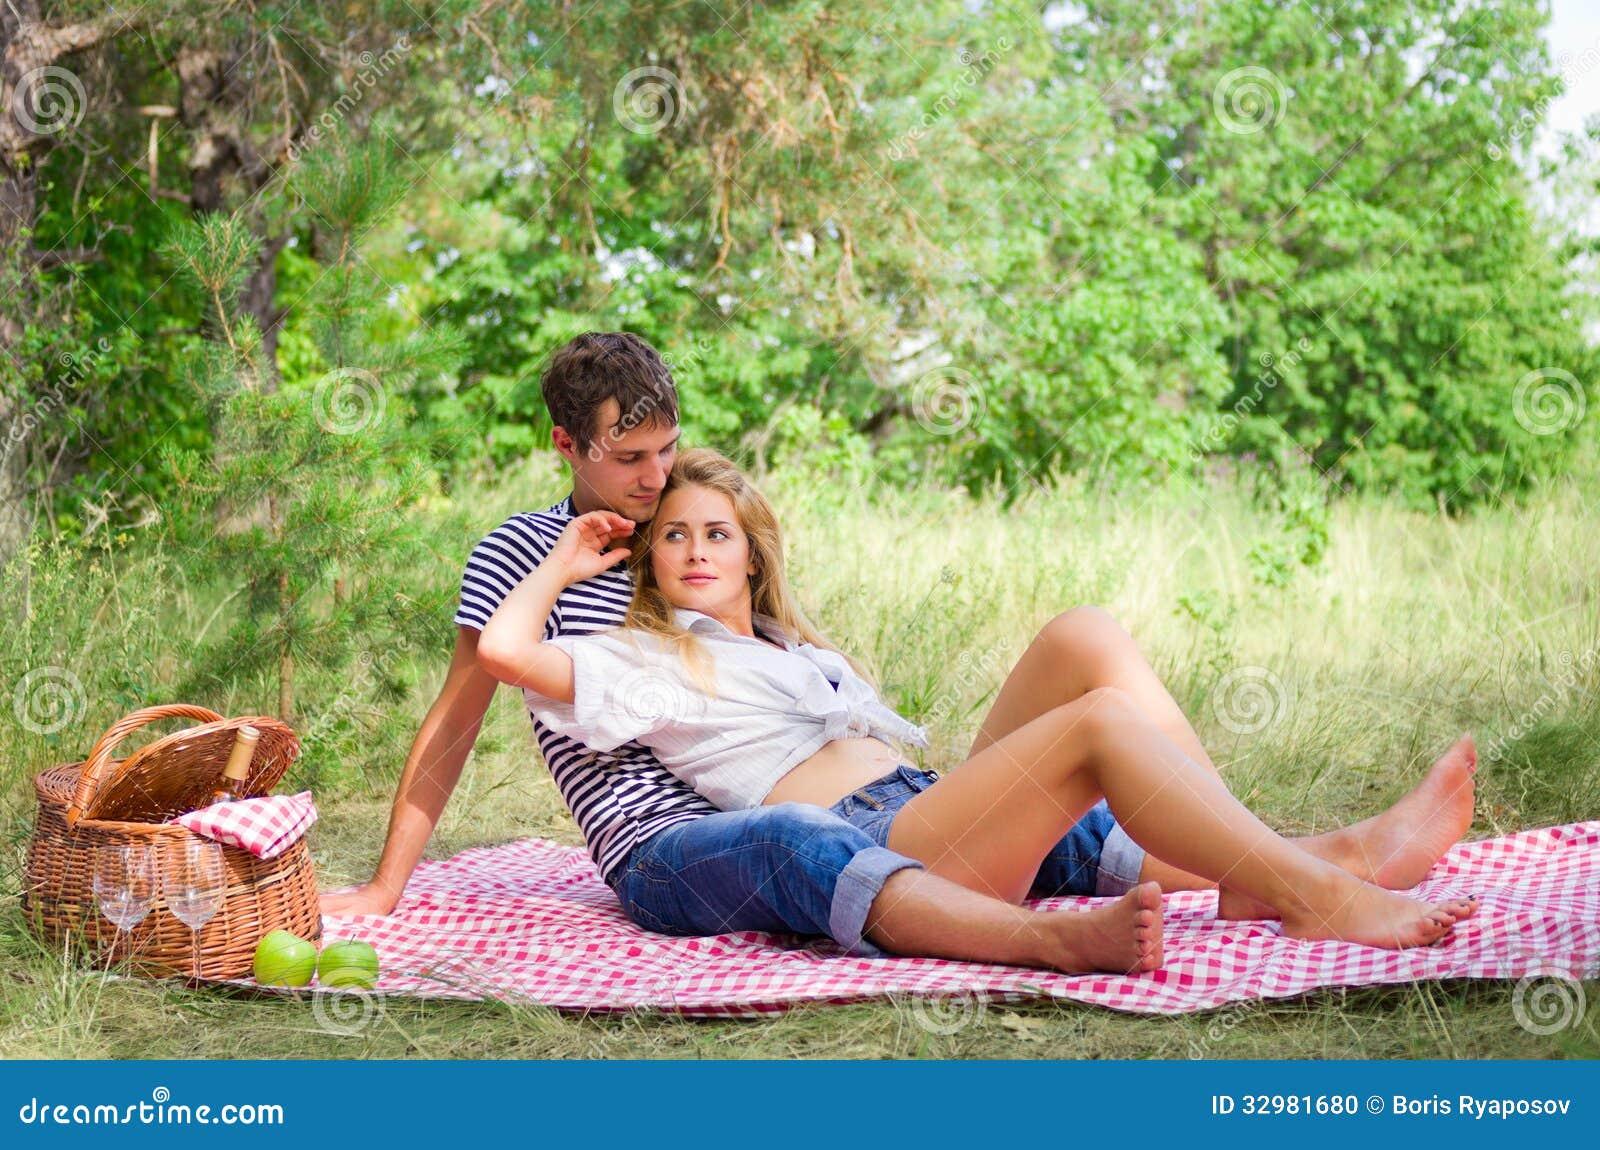 девушку бангкоке красивый секс молодой пары на даче стесняйтесь высказать